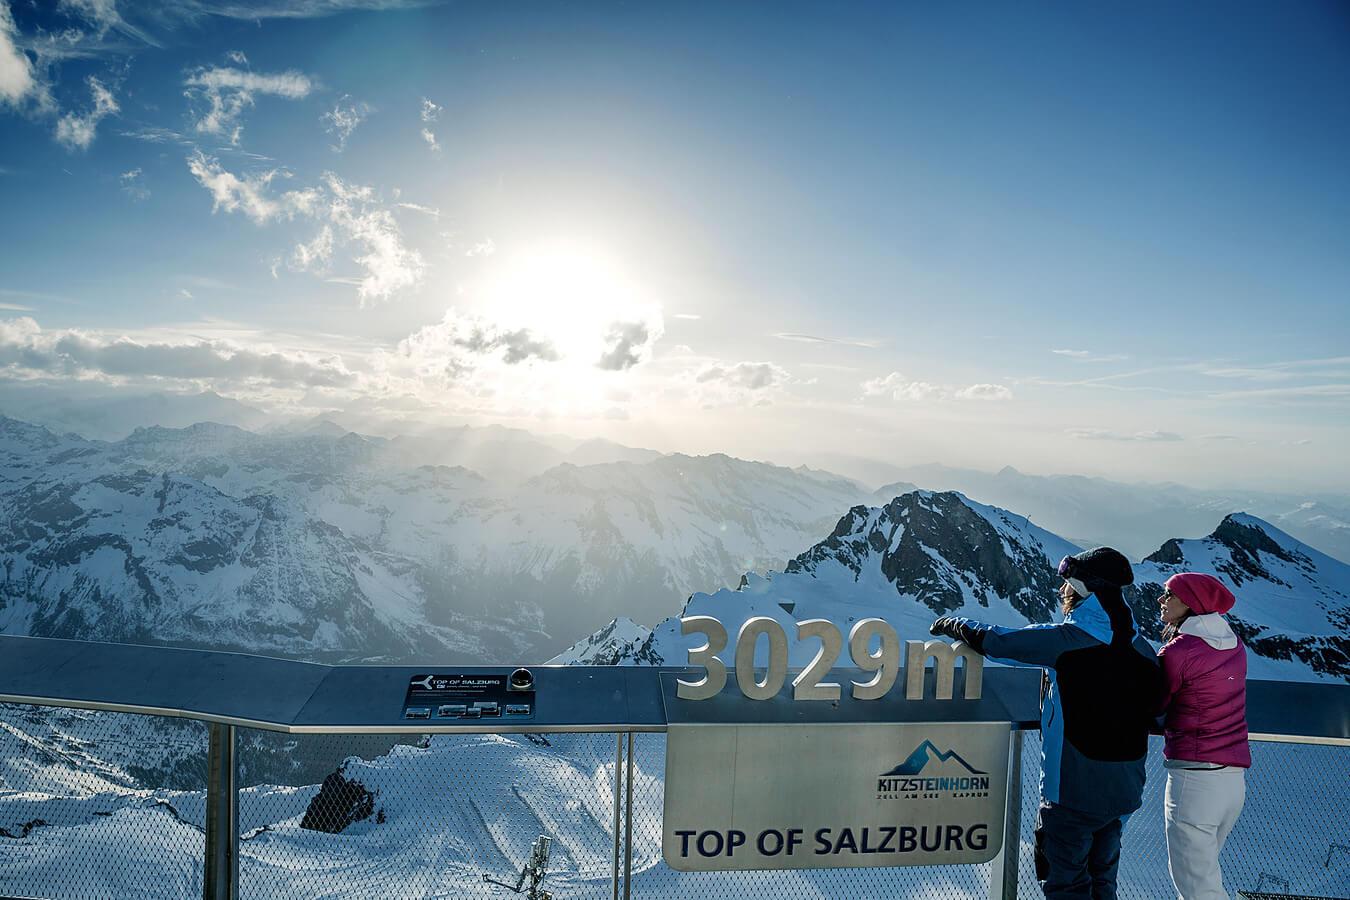 Смотровая площадка Top of Salzburg